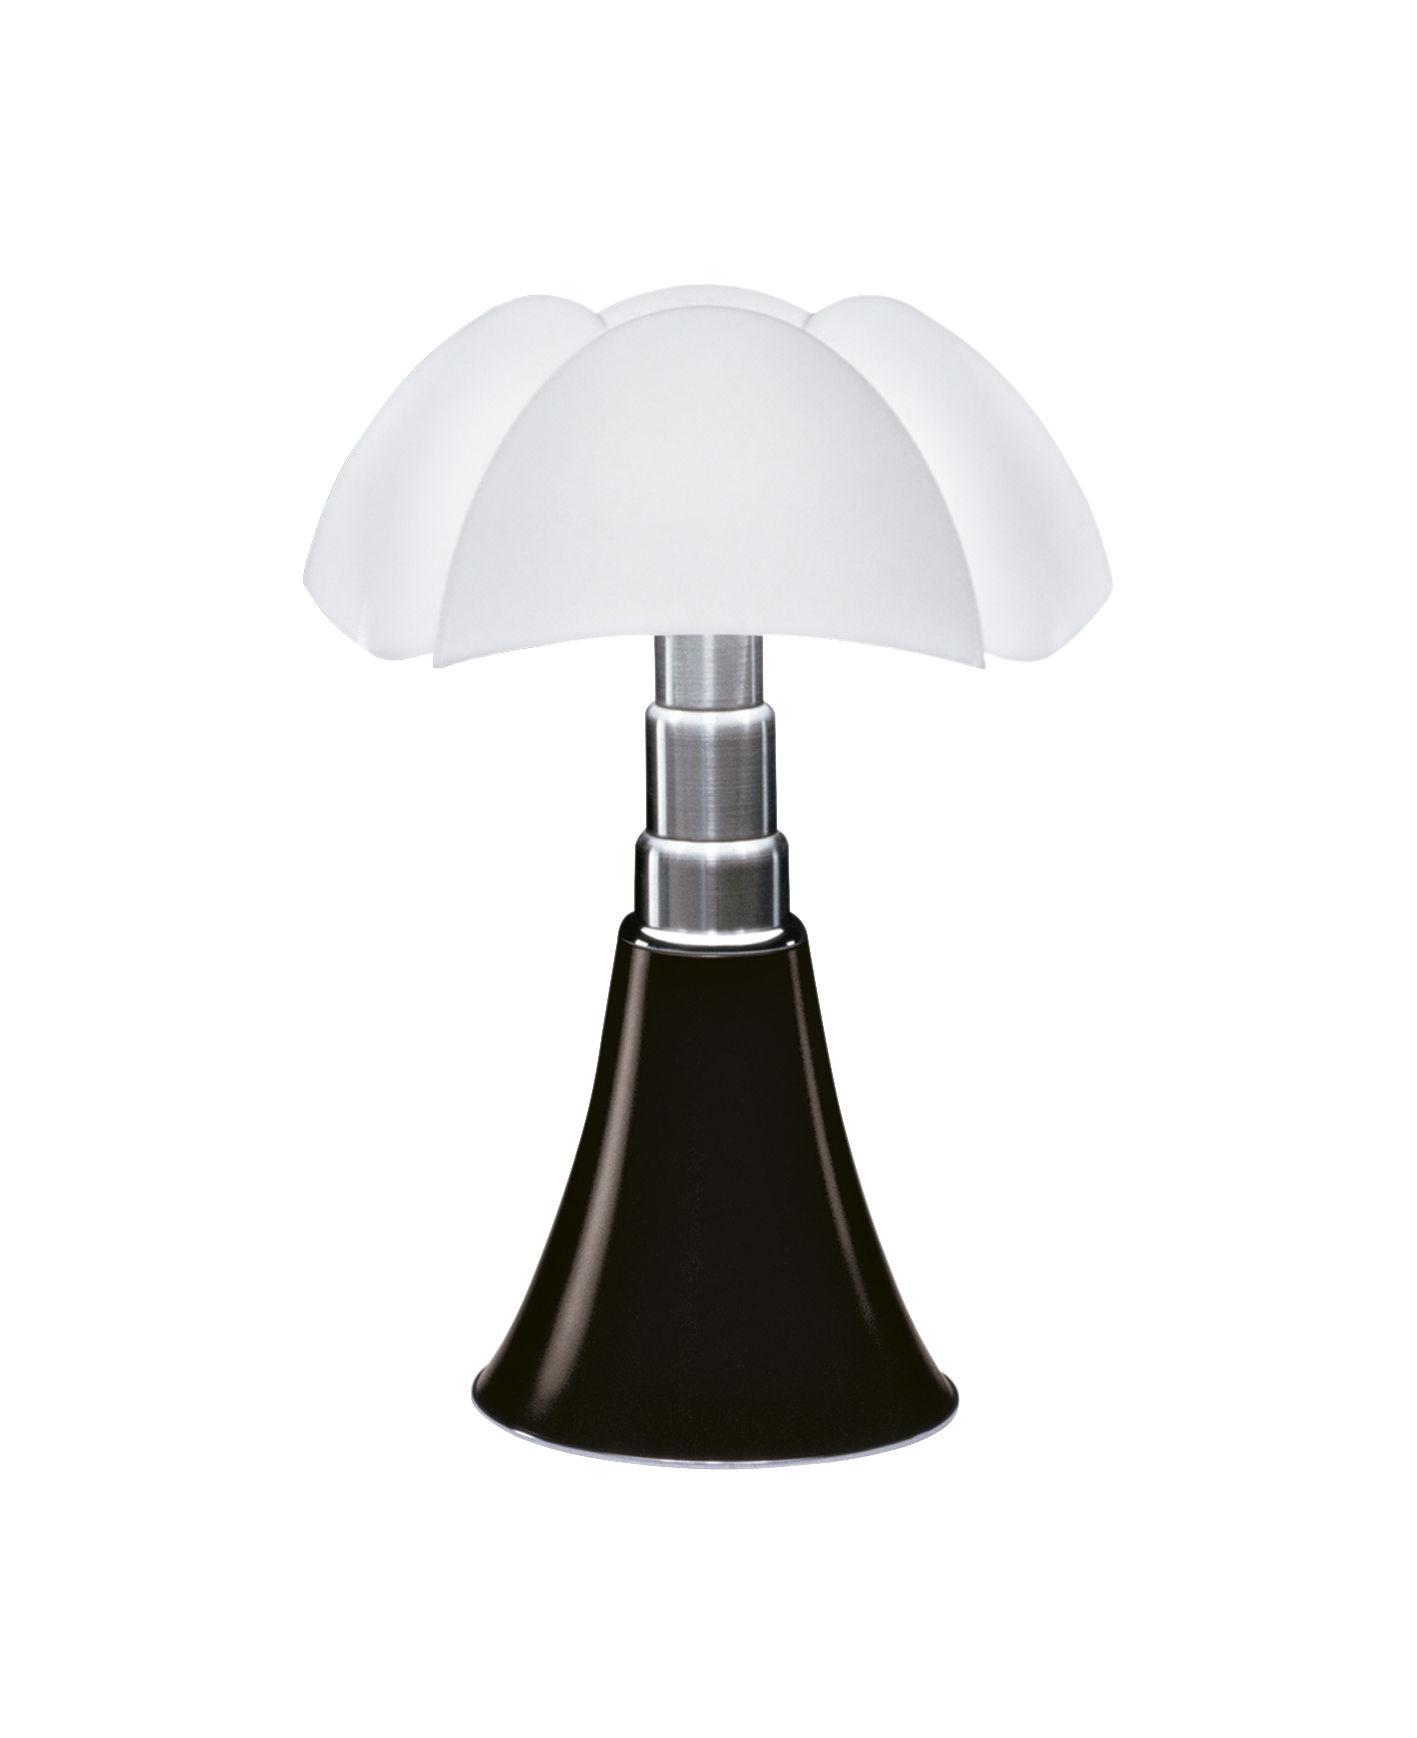 Luminaire - Lampes de table - Lampe de table Minipipistrello LED / H 35 cm - Martinelli Luce - Marron foncé / Abat-jour blanc - Acier galvanisé, Aluminium laqué, Méthacrylate opalin